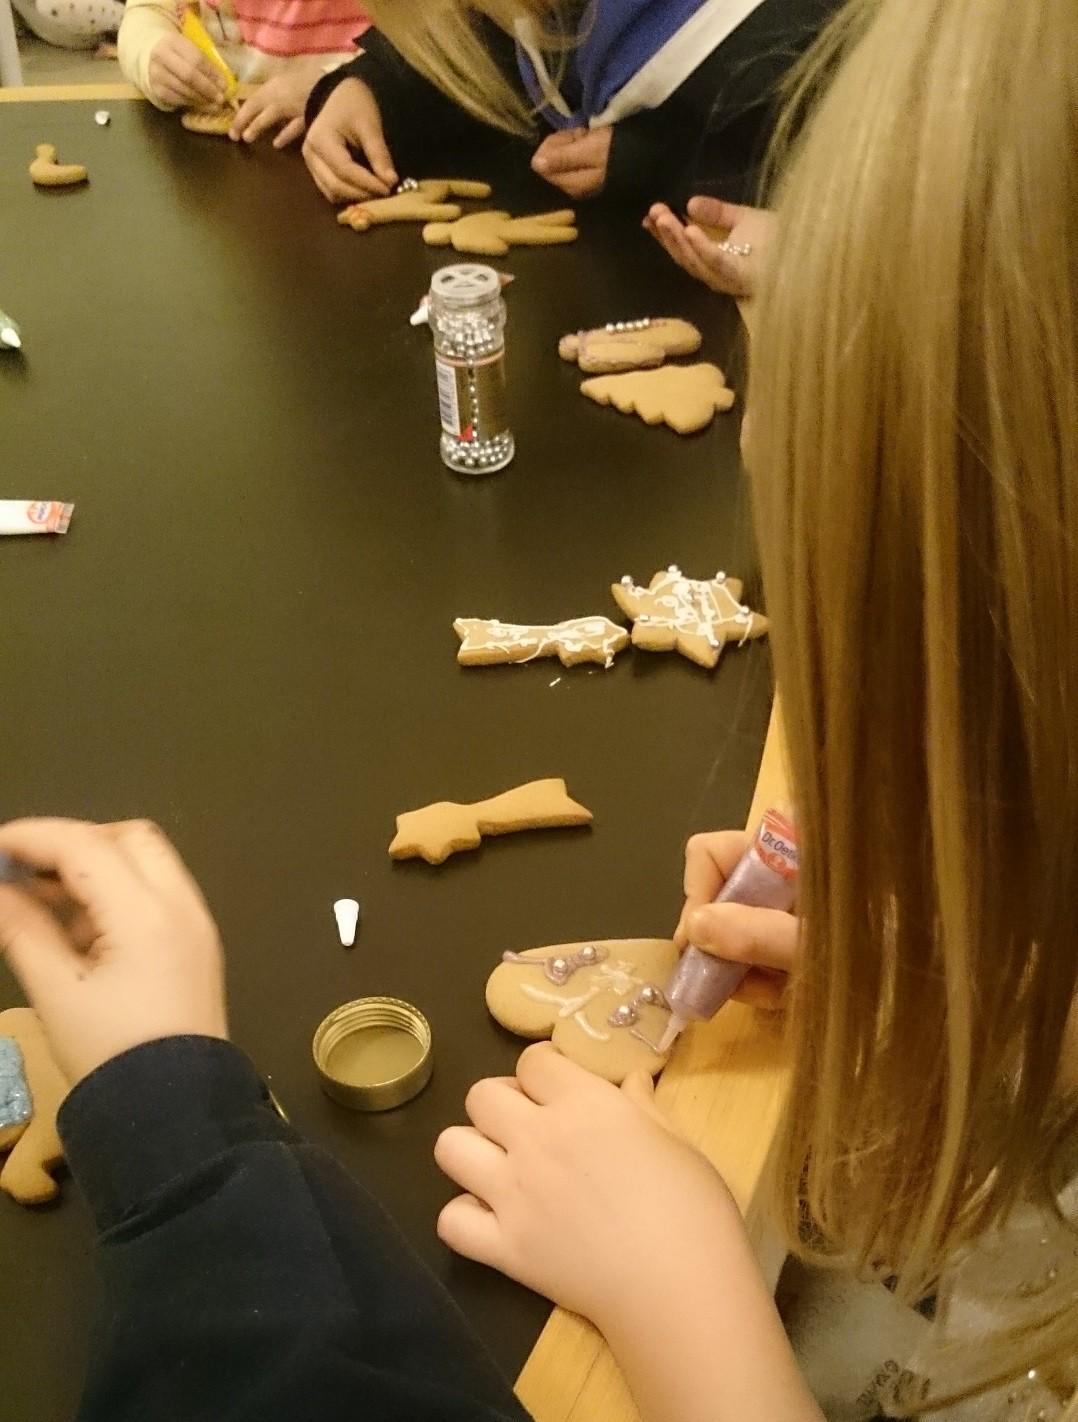 Børnene dekorerer honningkager